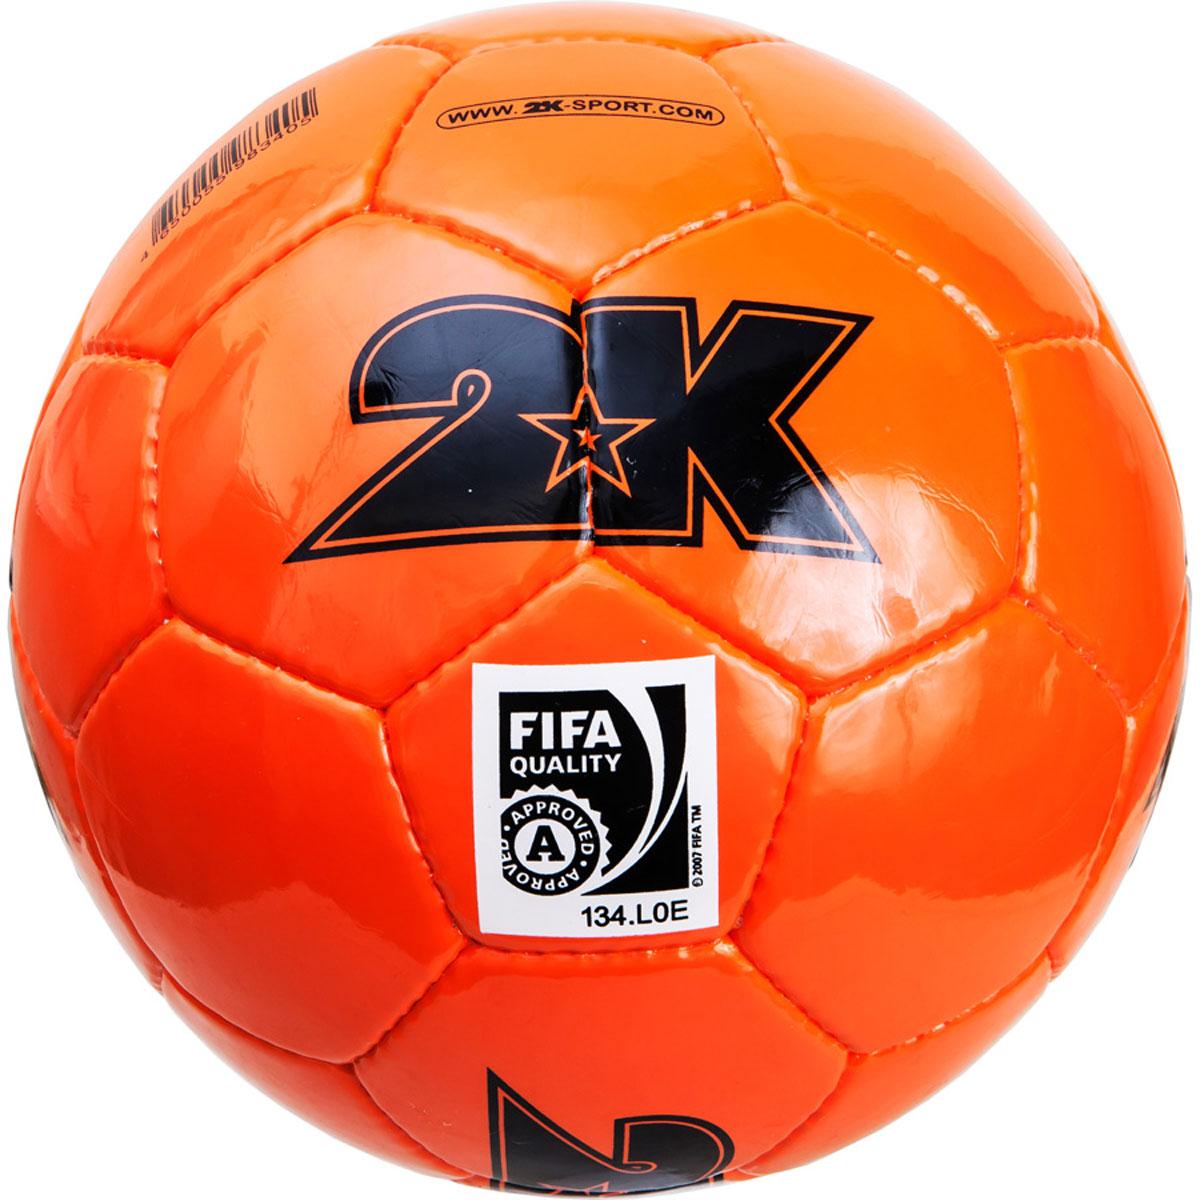 Мяч футбольный 2K Sport Elite, цвет: оранжевый, черный. Размер 5127048Профессиональный футбольный мяч 2K Sport Elite одобрен FIFA для проведения соревнований высшей категории. Мяч состоит из 32 панелей ручной сшивки. Швы проклеены для герметизации. Мяч выполнен из переливающегося ламинированного полиуретана. Имеется три подкладочных слоя из эксклюзивной ткани – смеси хлопка с полиэстером. Идеально сбалансированная бесшовная камера изготовлена из натурального латекса.Сертификат FIFA Approved.